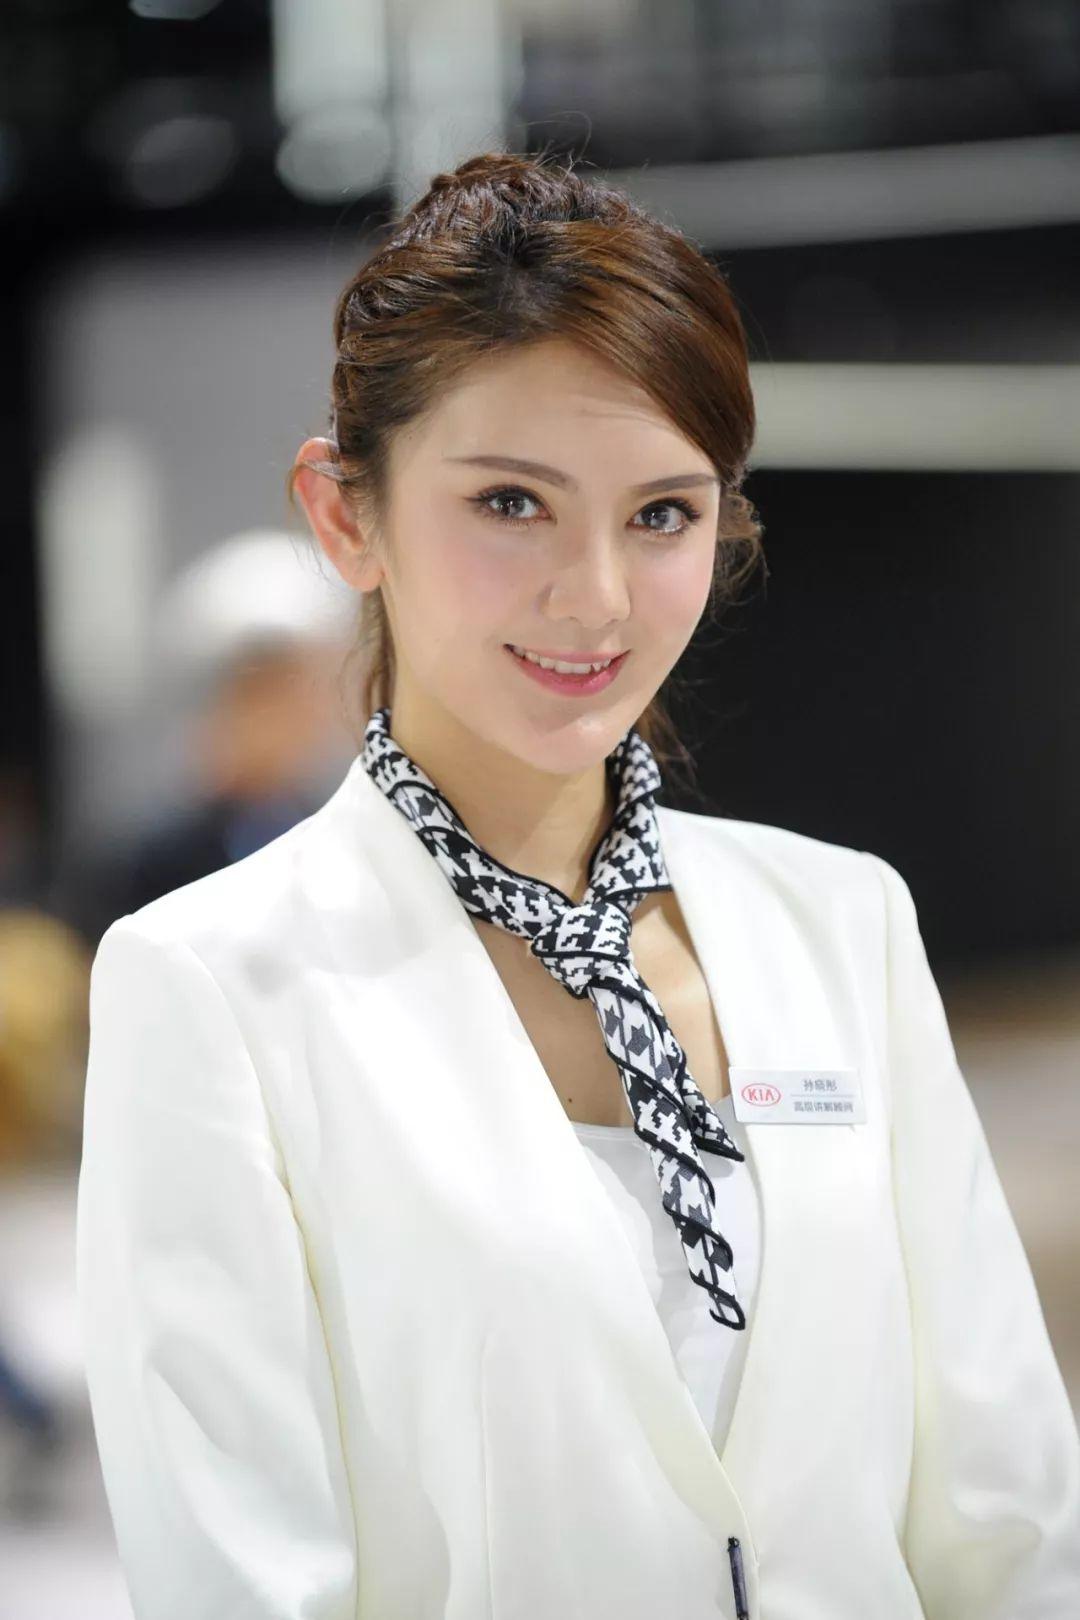 那些拿Pad的妹纸们--上海节目寻觅美女芳踪车展的日本美女图片